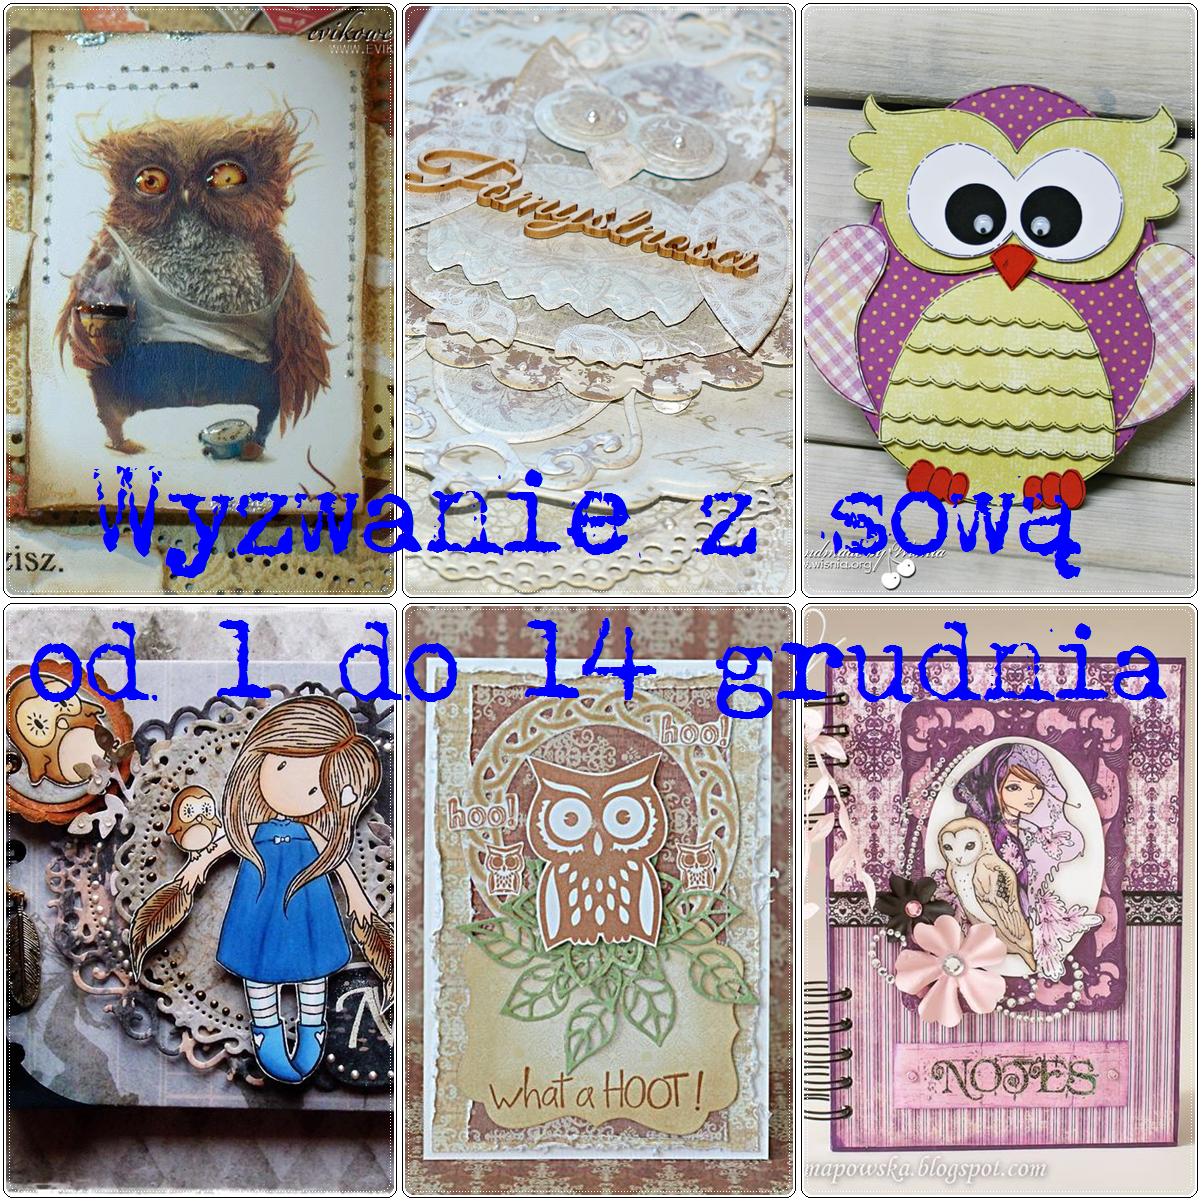 http://scrapcafepl.blogspot.ie/2013/12/588-wyzwanie-z-sowa_1.html